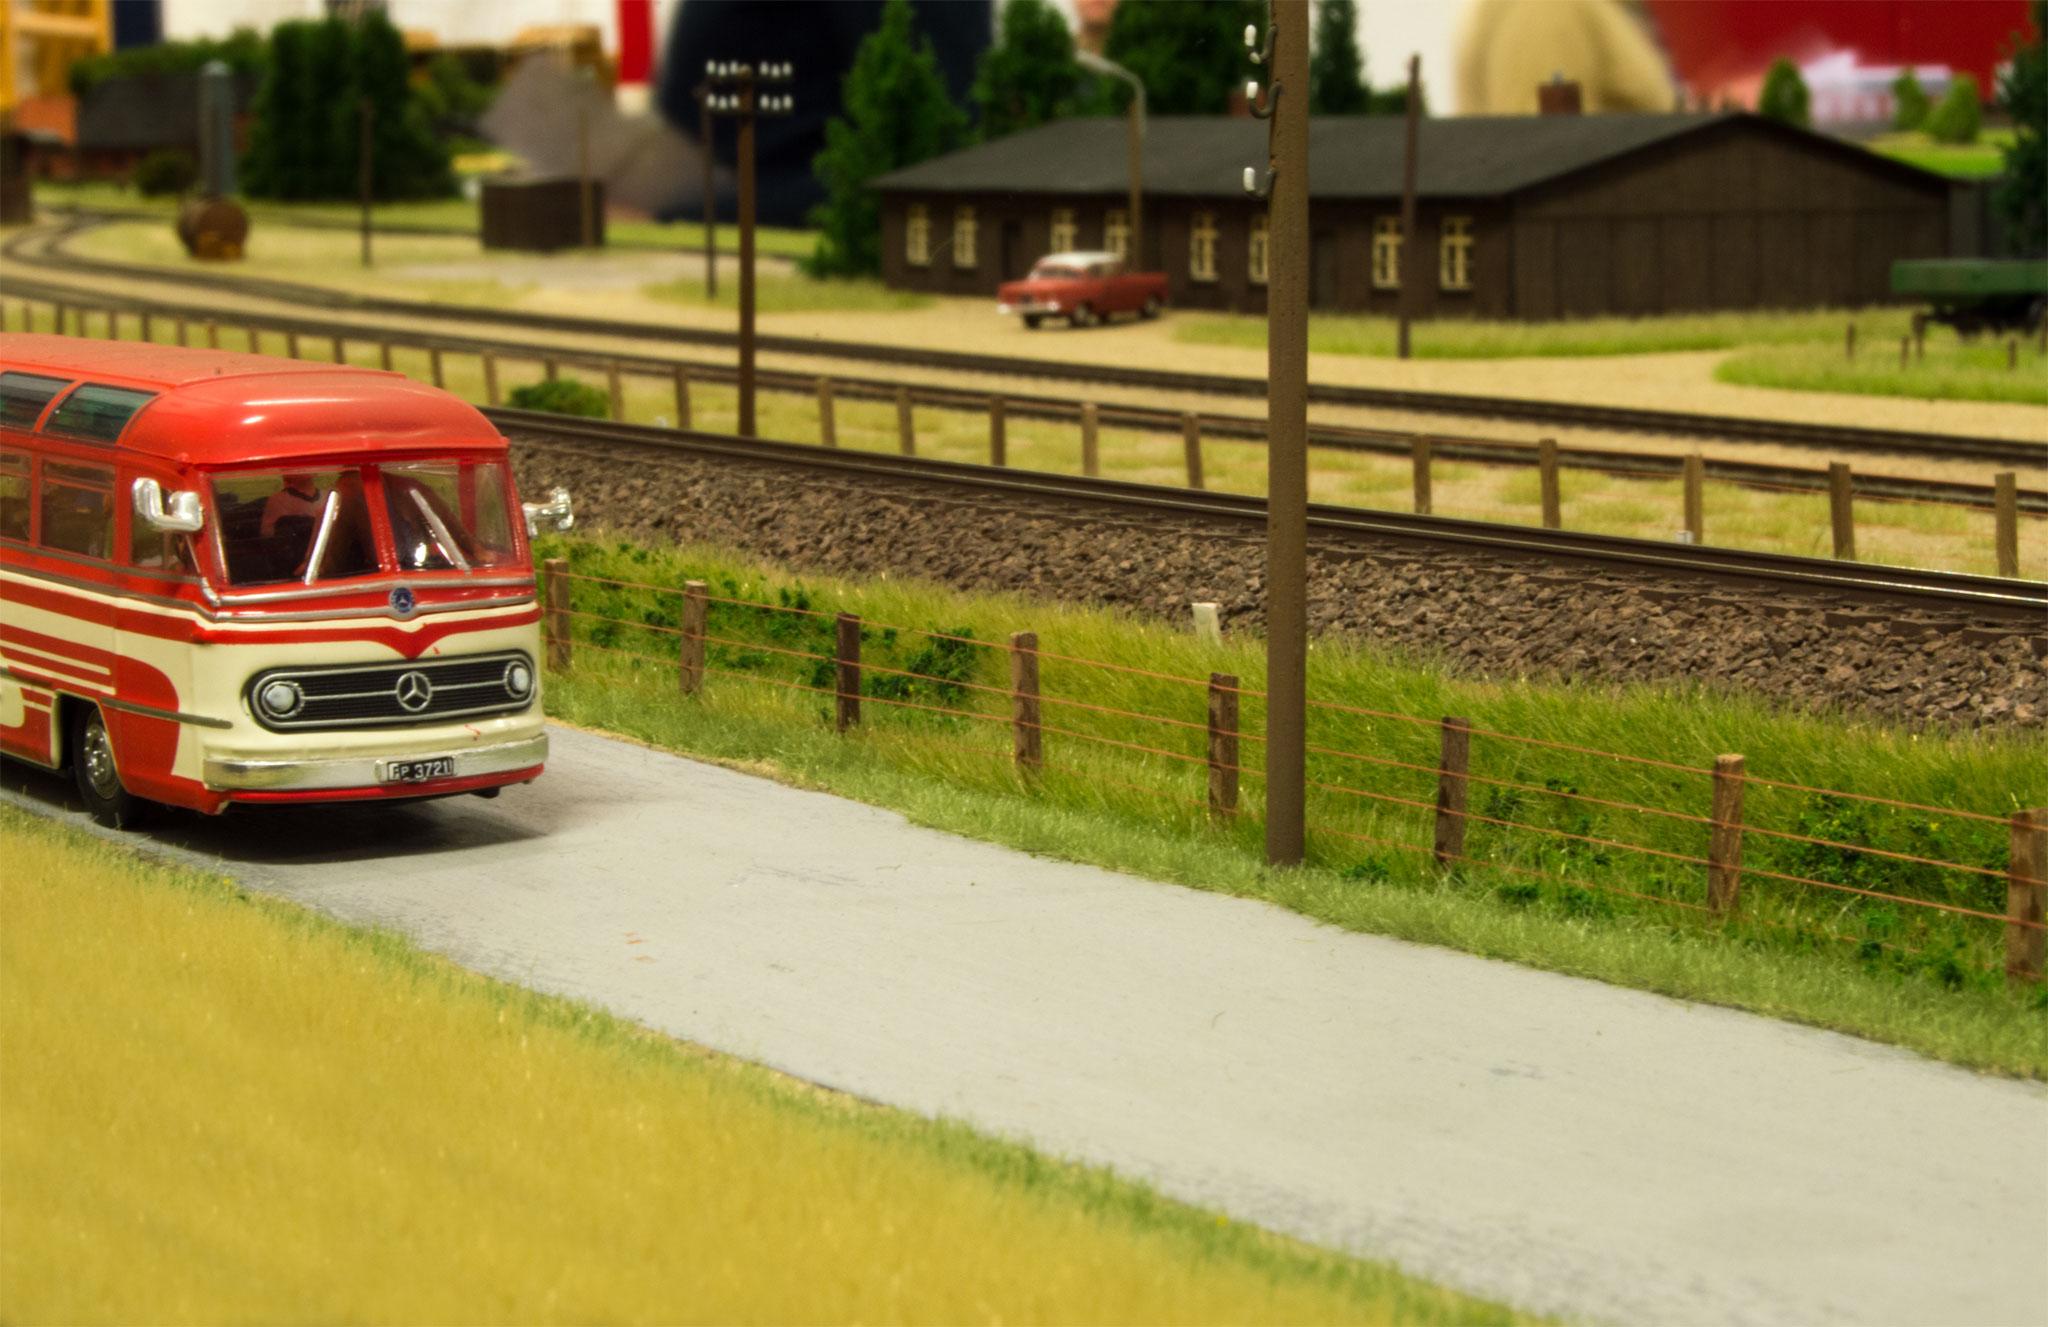 I næsten hele Søbylundmodellens udstrækning ses en vej med nogle få køretøjer - bla. denne bus